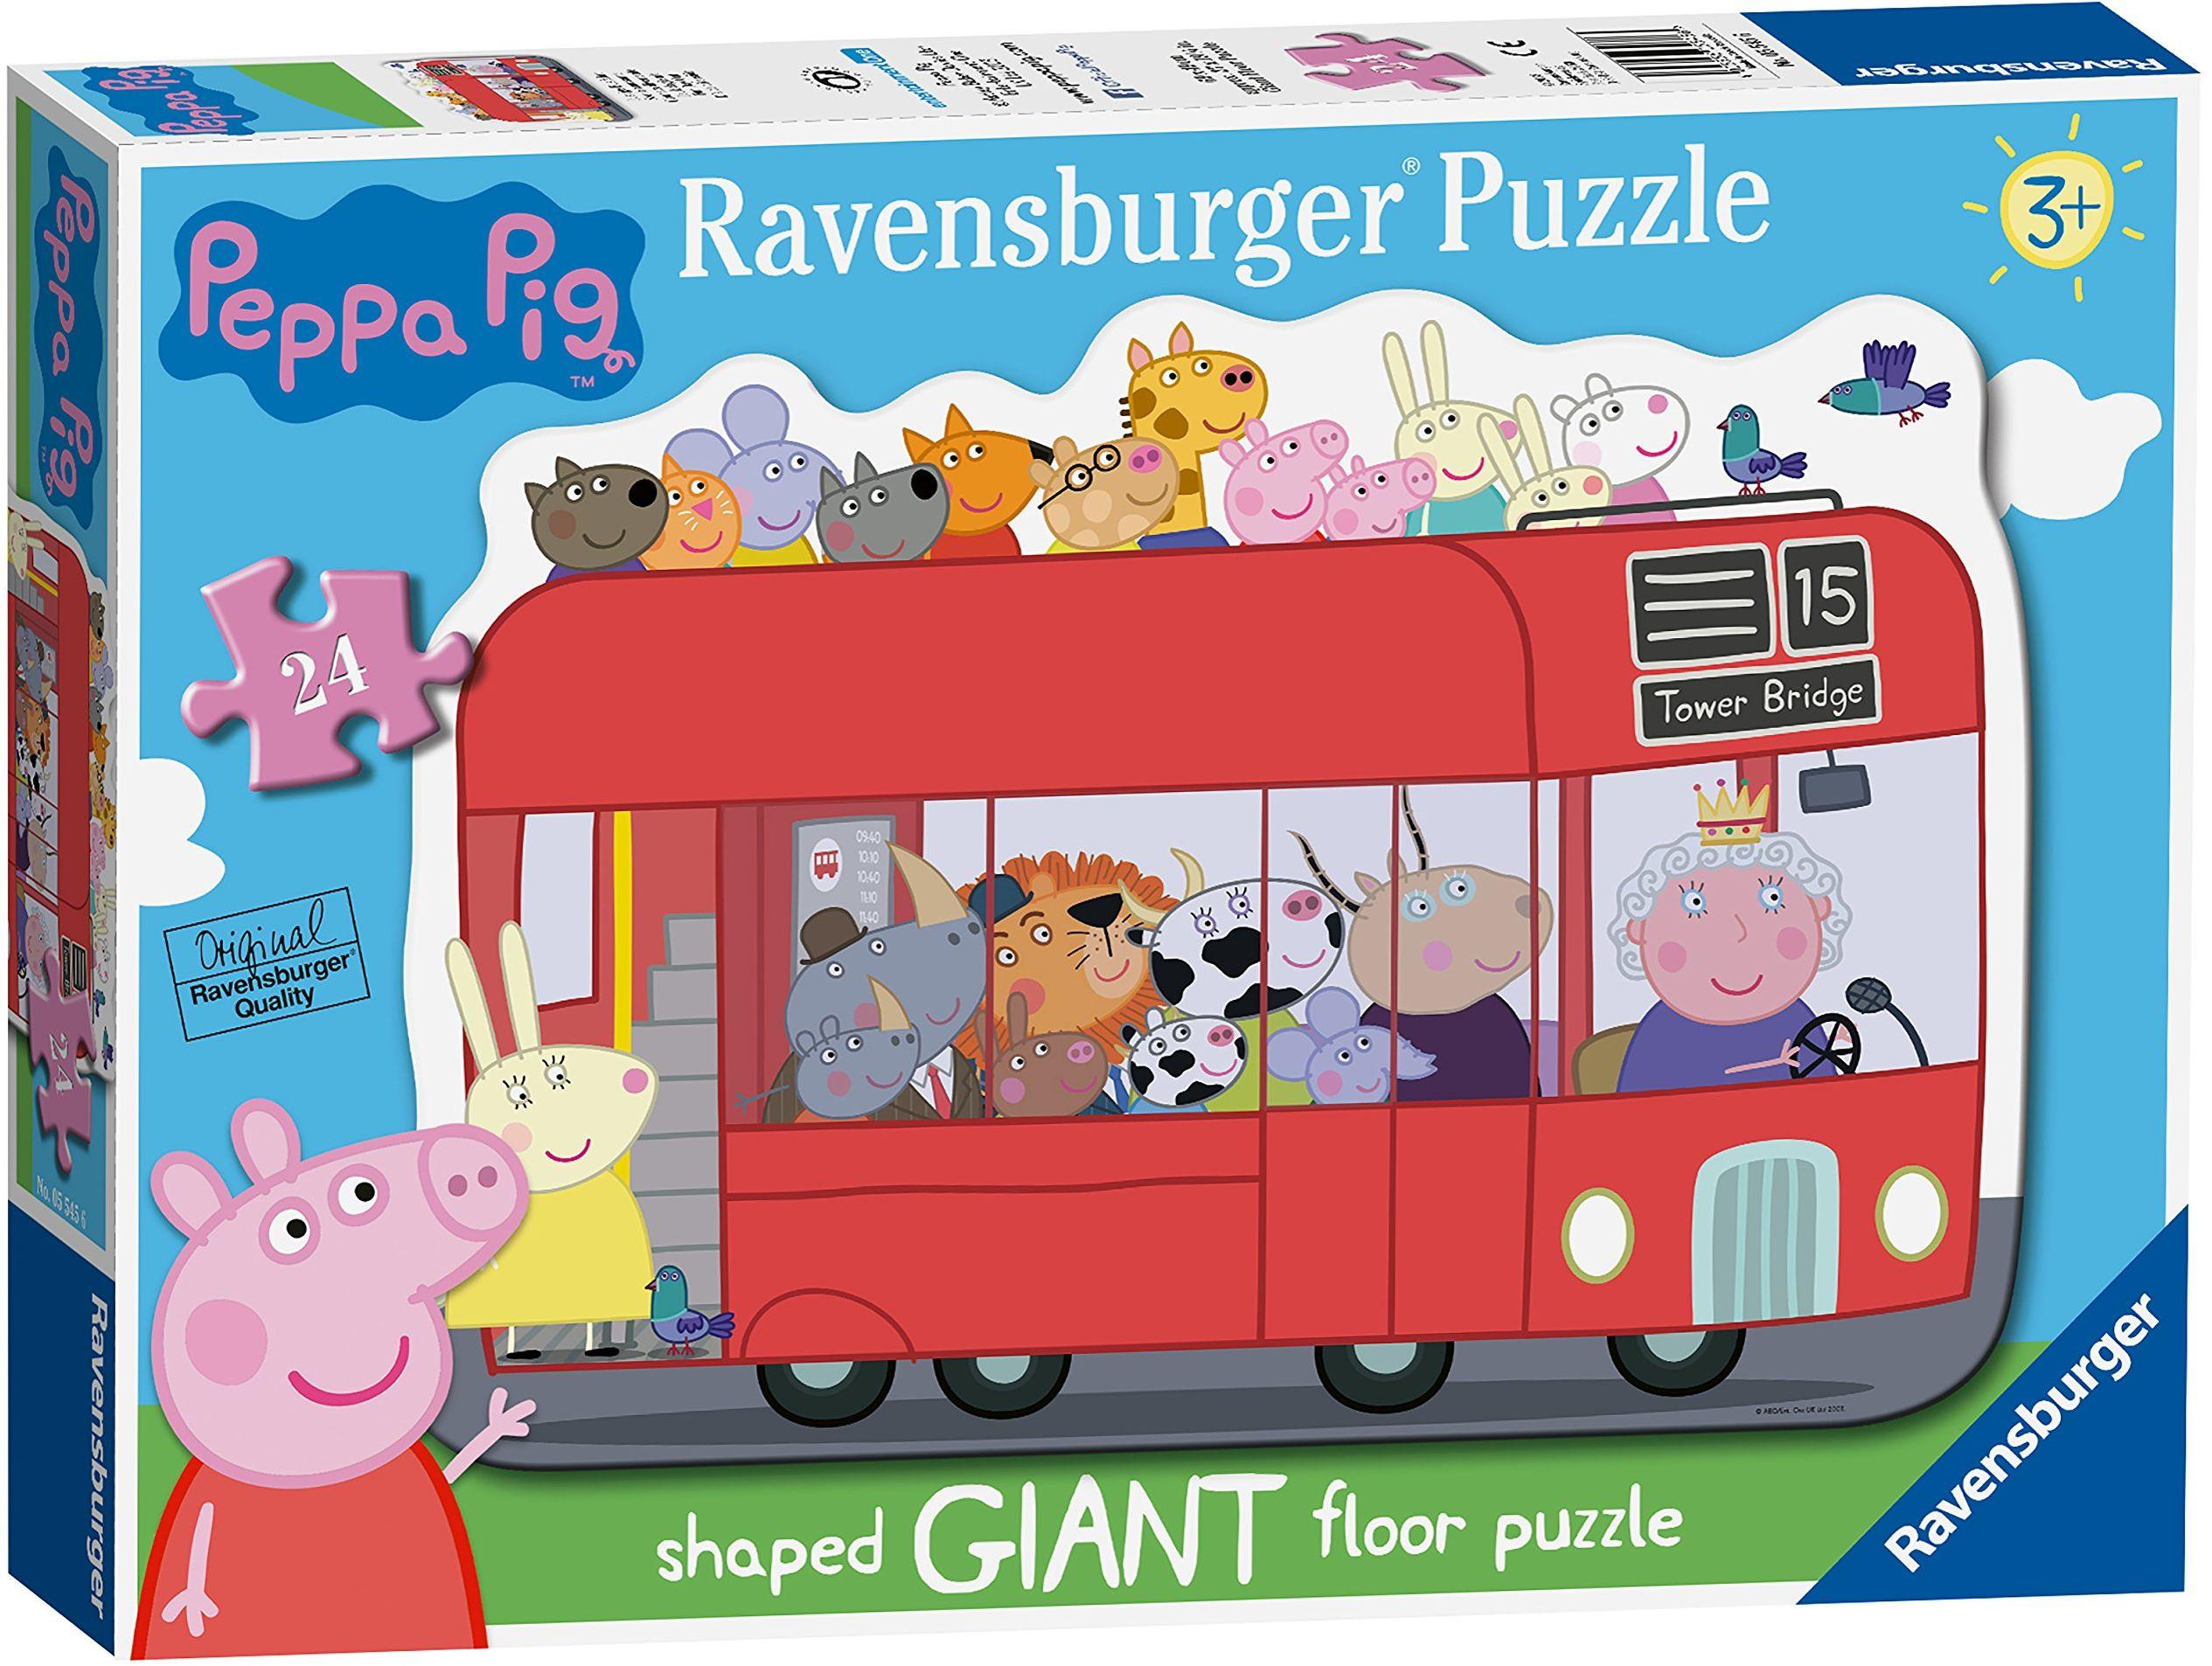 Ravensburger Świnka Peppa Londyn czerwony autobus 24-częściowy gigantyczny kształt puzzle podłogowe dla dzieci w wieku od 3 lat